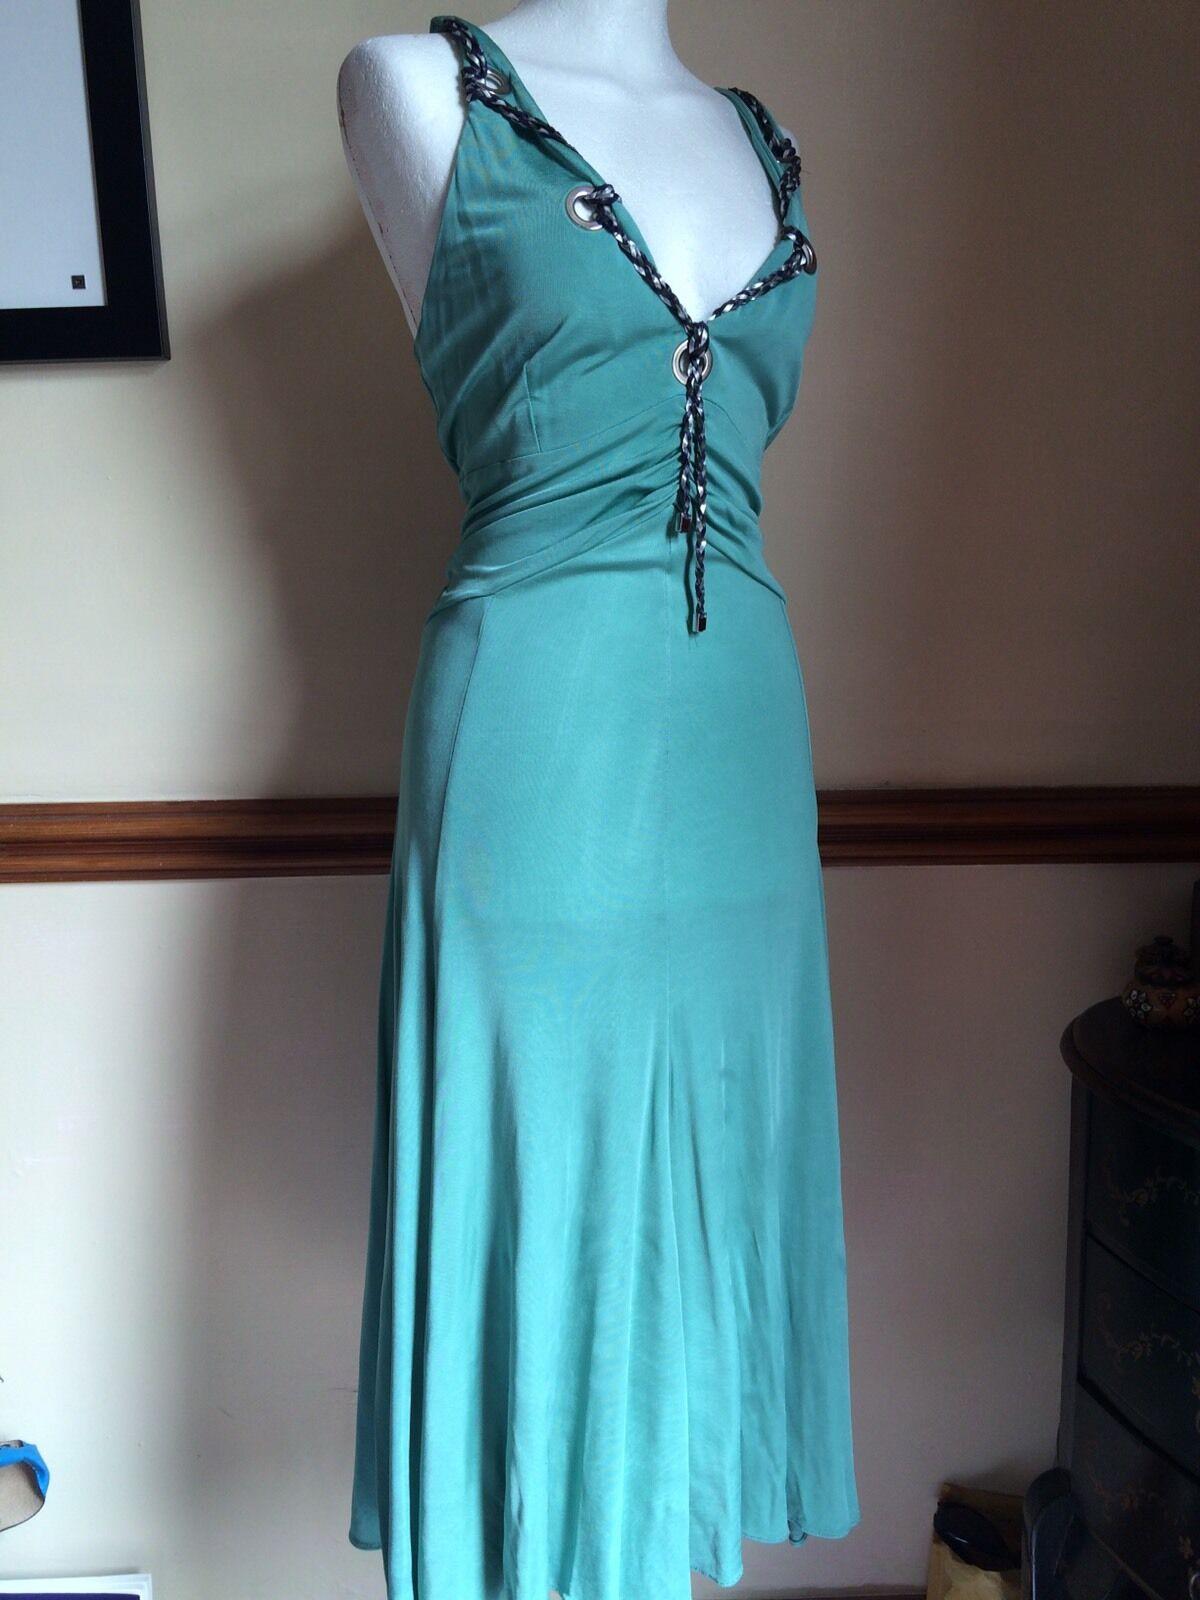 Stunning Karen Millen Evening Dress 14 Bodycon Occasion Stretch ...